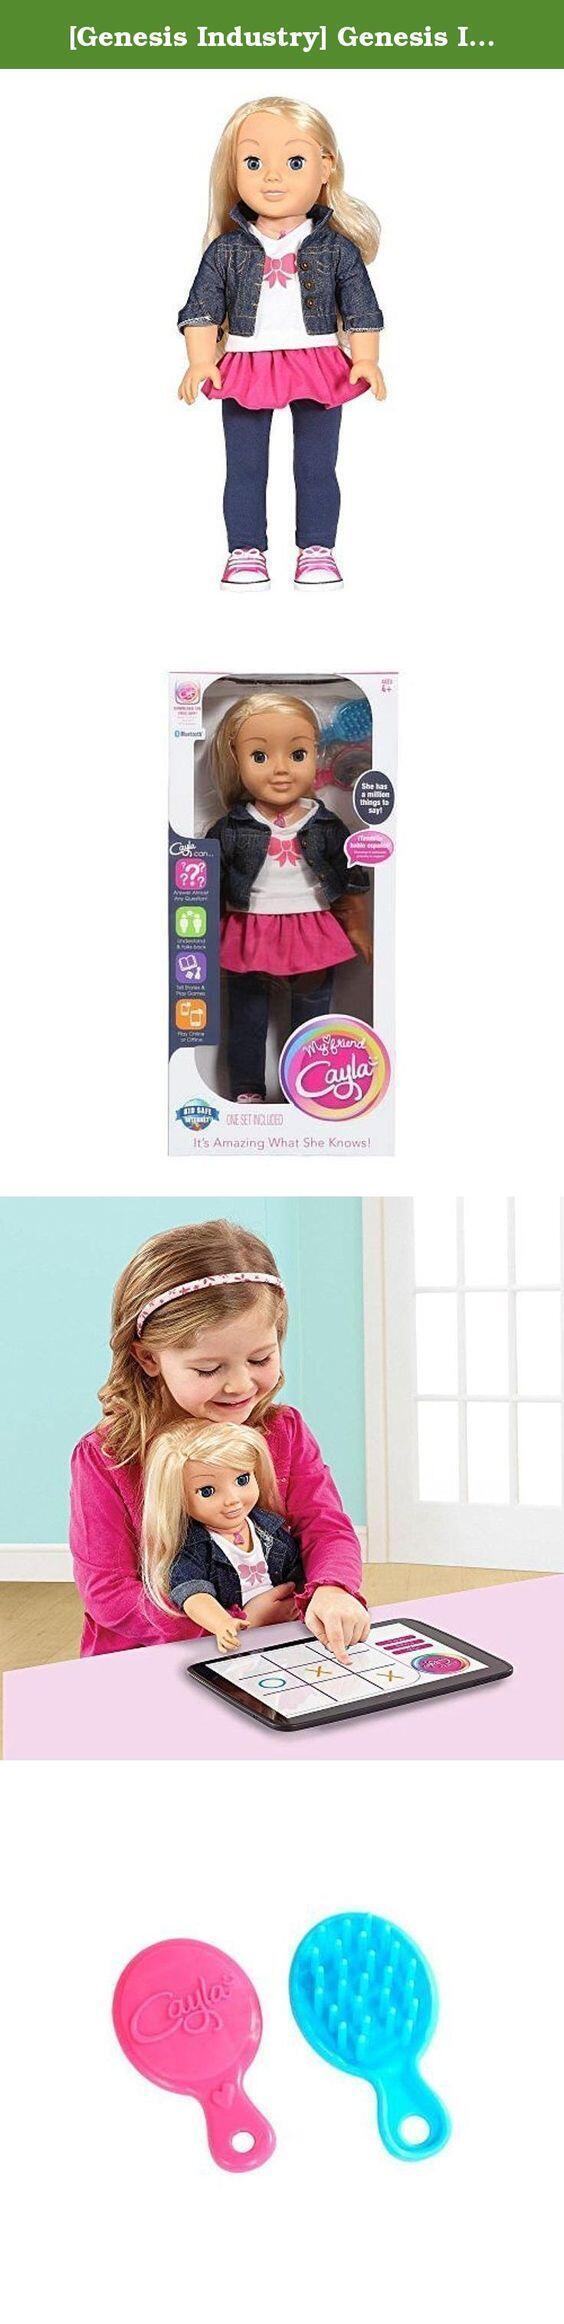 A boneca Cayla, um risco para a privacidade das crianças